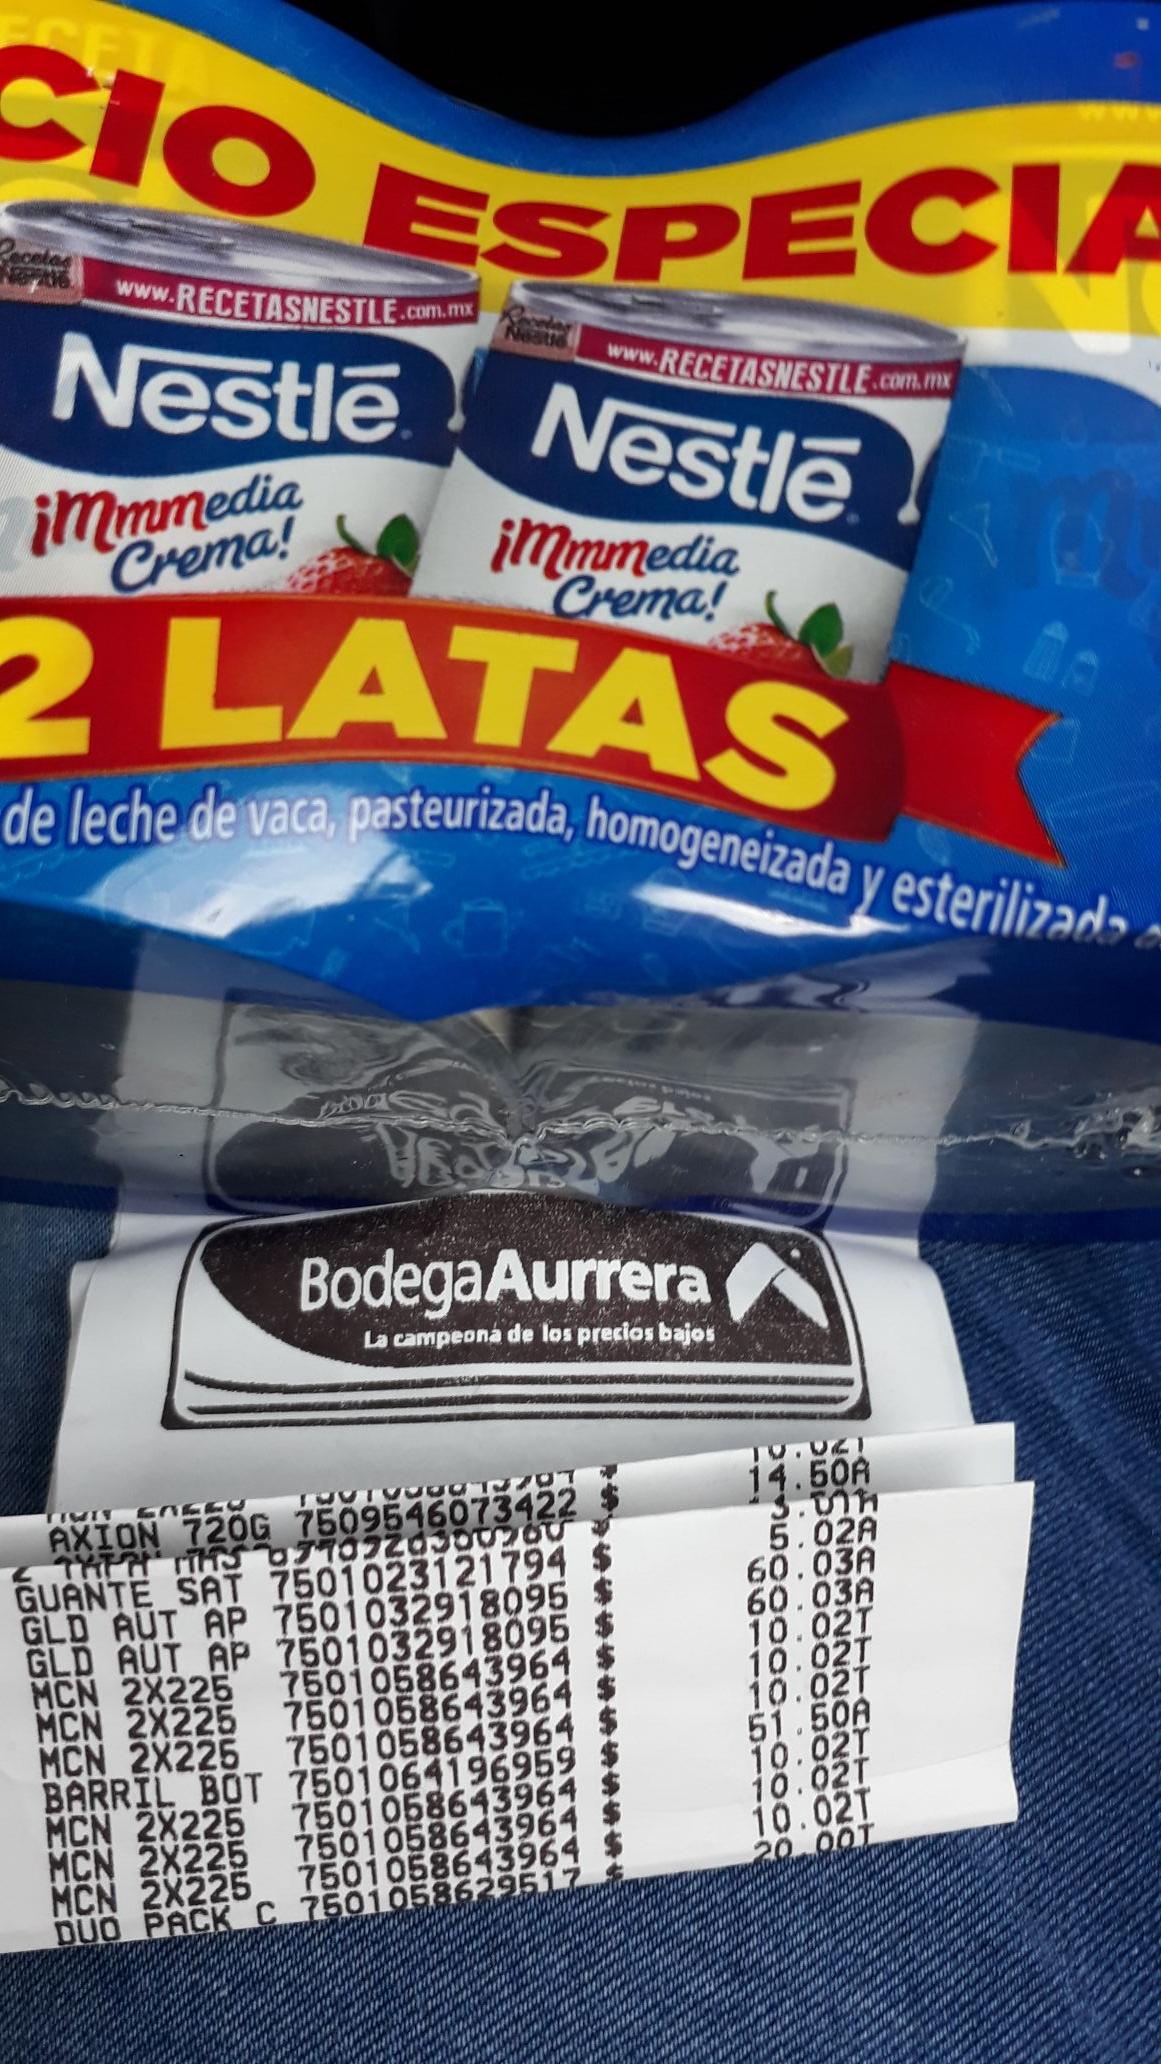 Bodega Aurrera: Paquete de dos medias cremas Nestlé